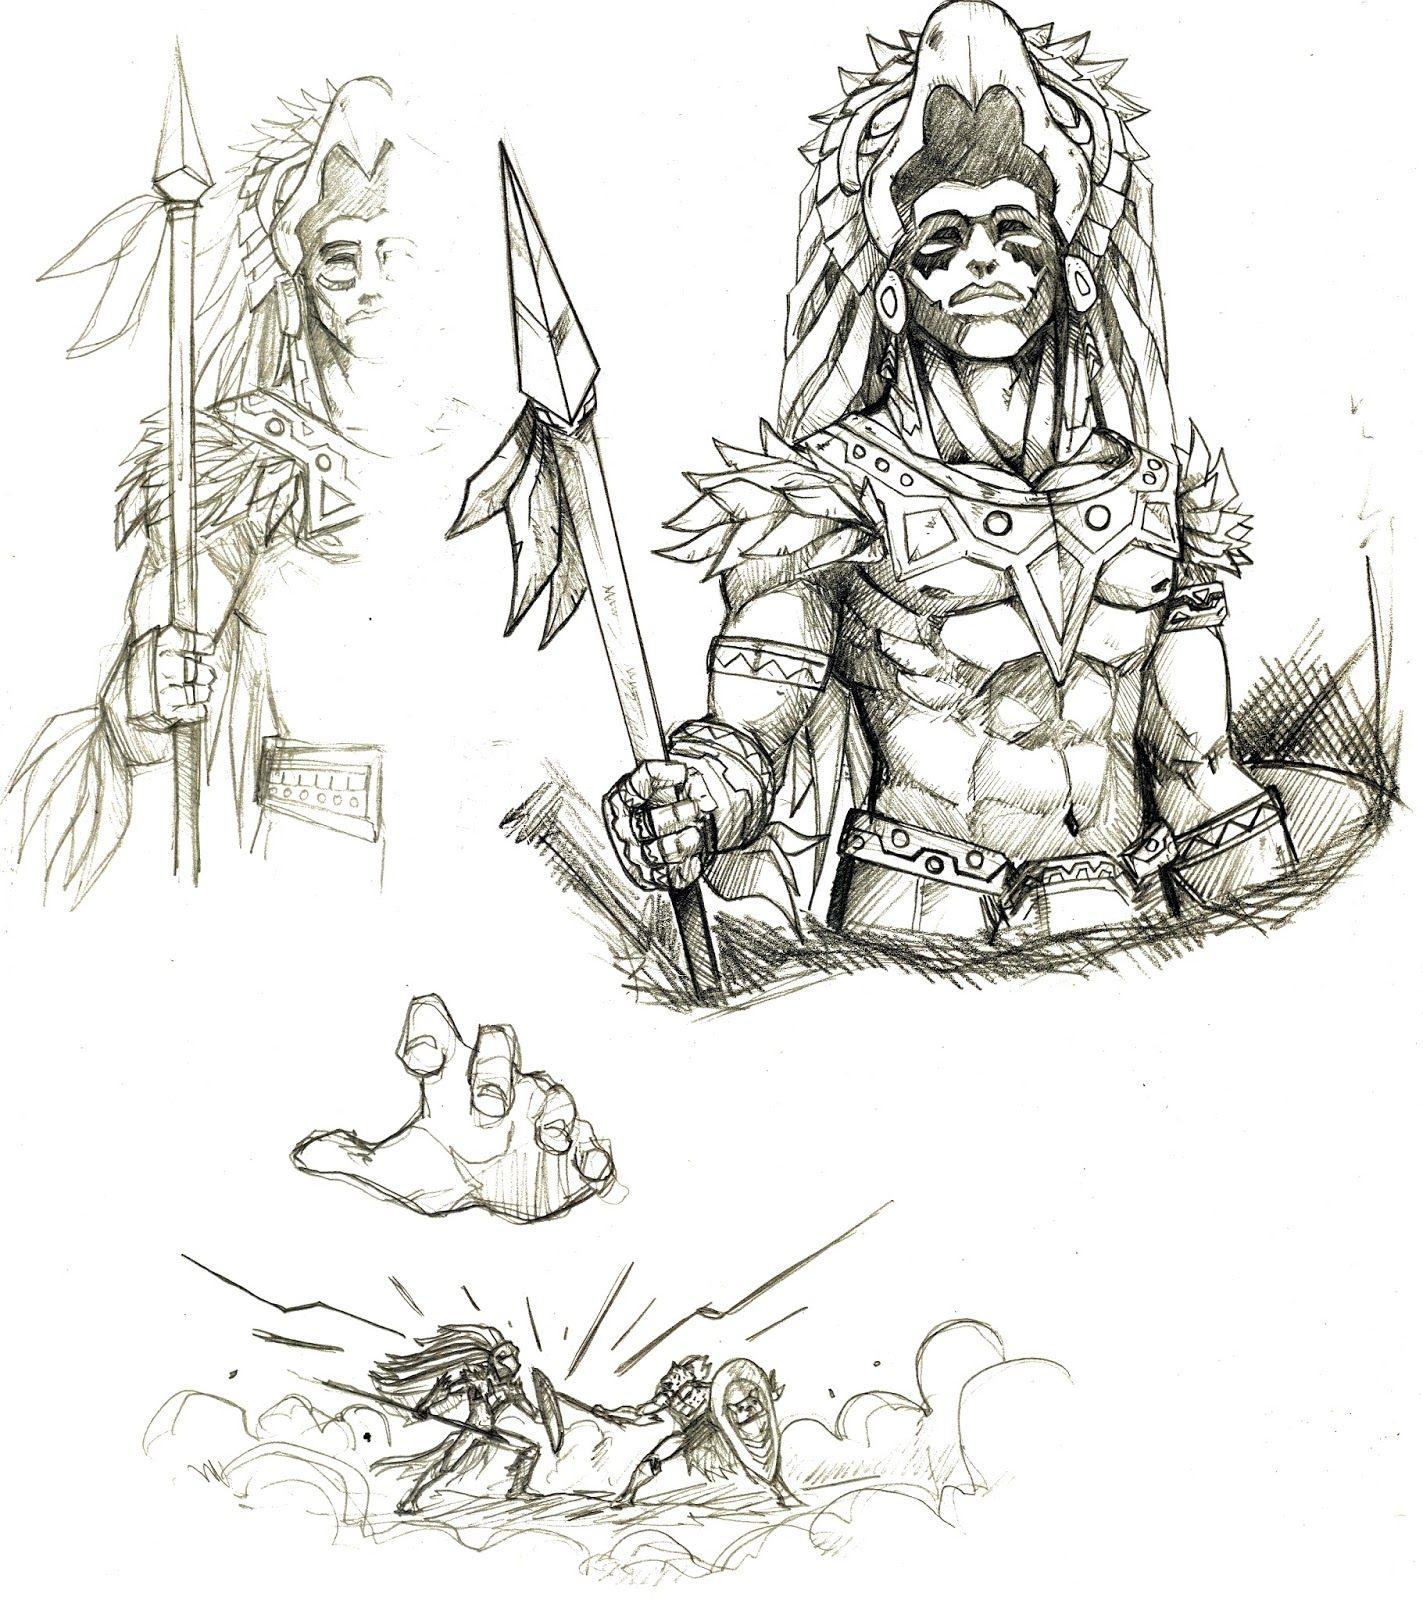 Viviendo en un Cómic: Guerrero Águila | Guerreros jaguar, Obras de arte  mexicano, Guerrero azteca